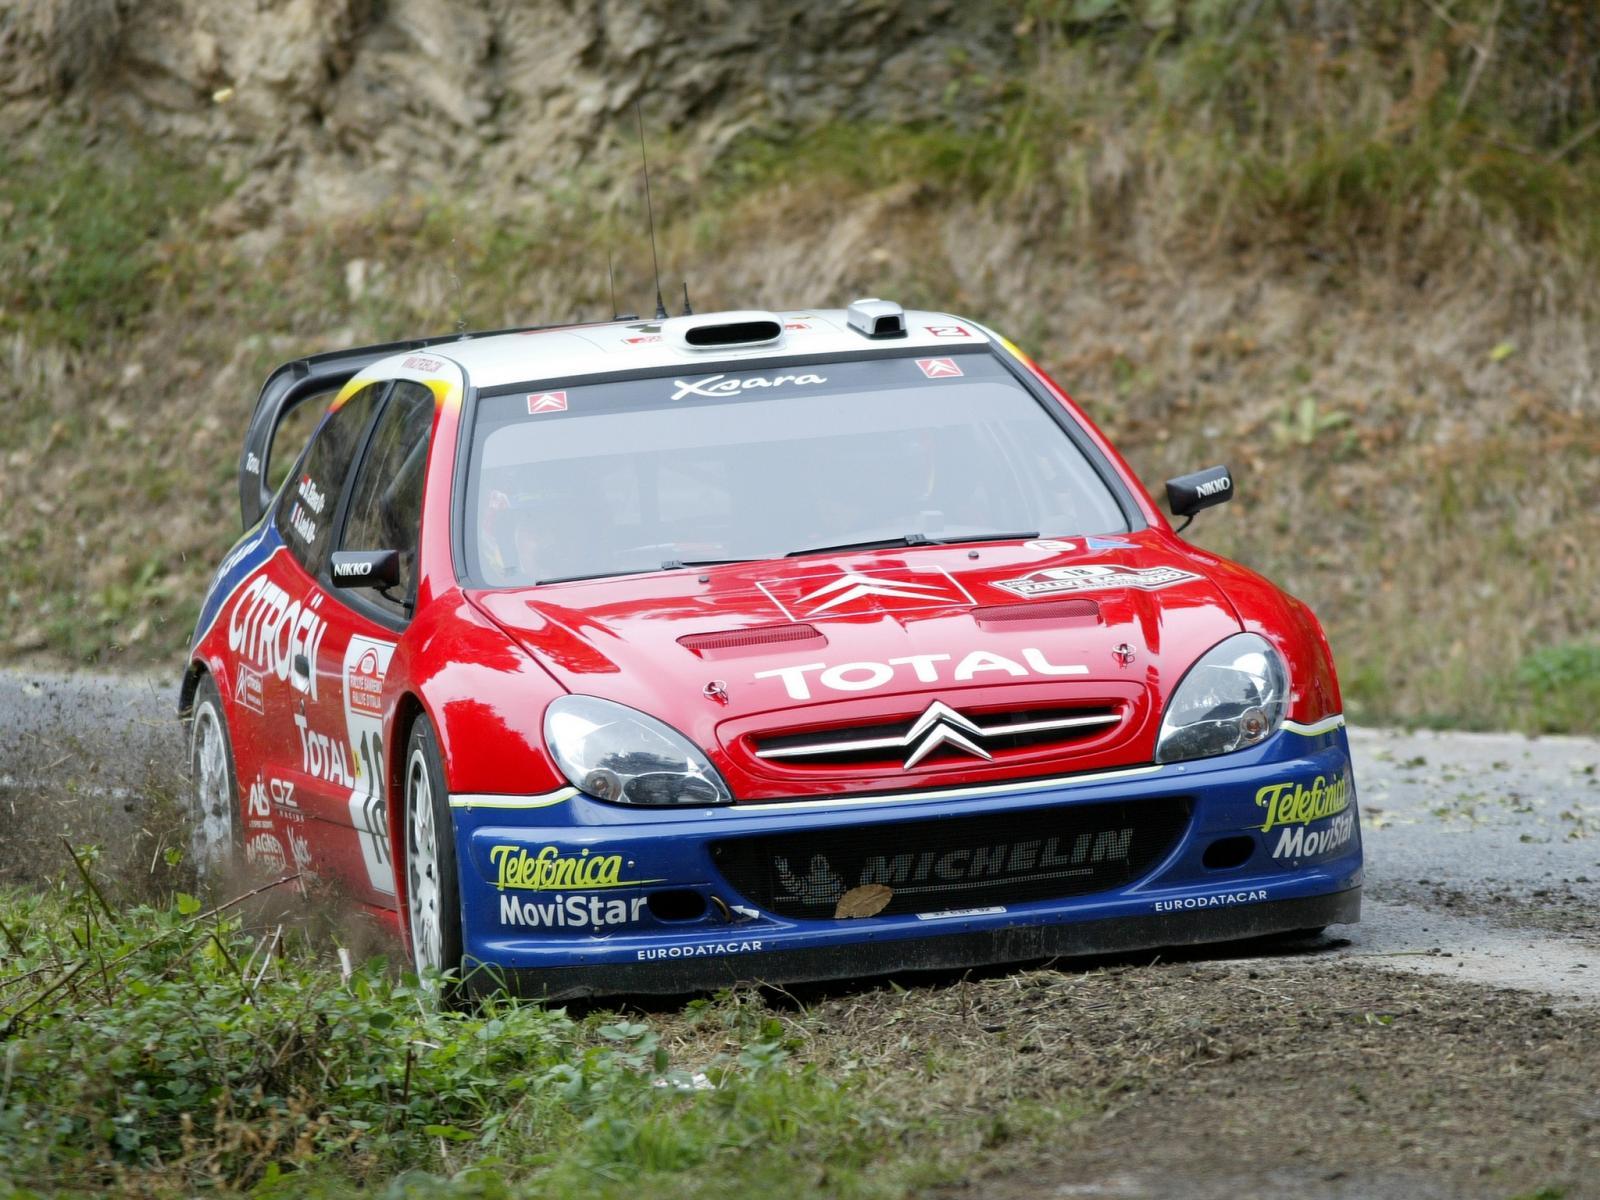 Xsara WRC 2005 prédécesseur du C4 WRC